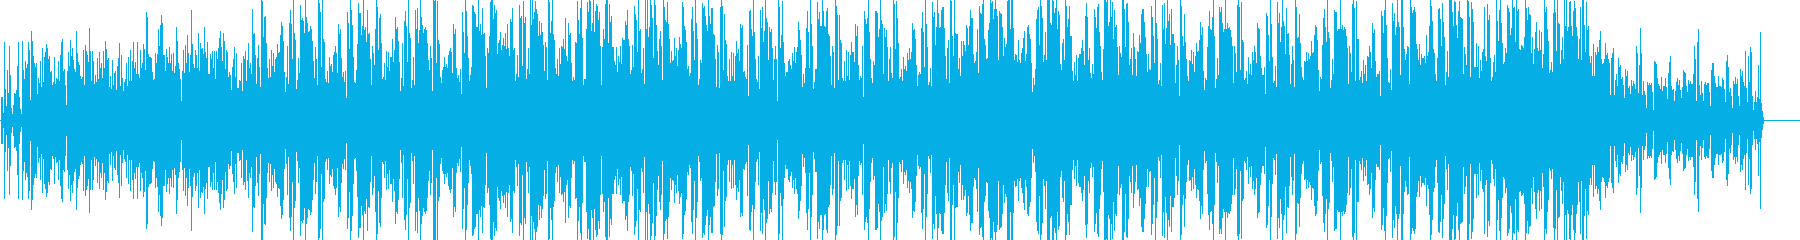 サルサ。古典的なラテンサークル和音。の再生済みの波形